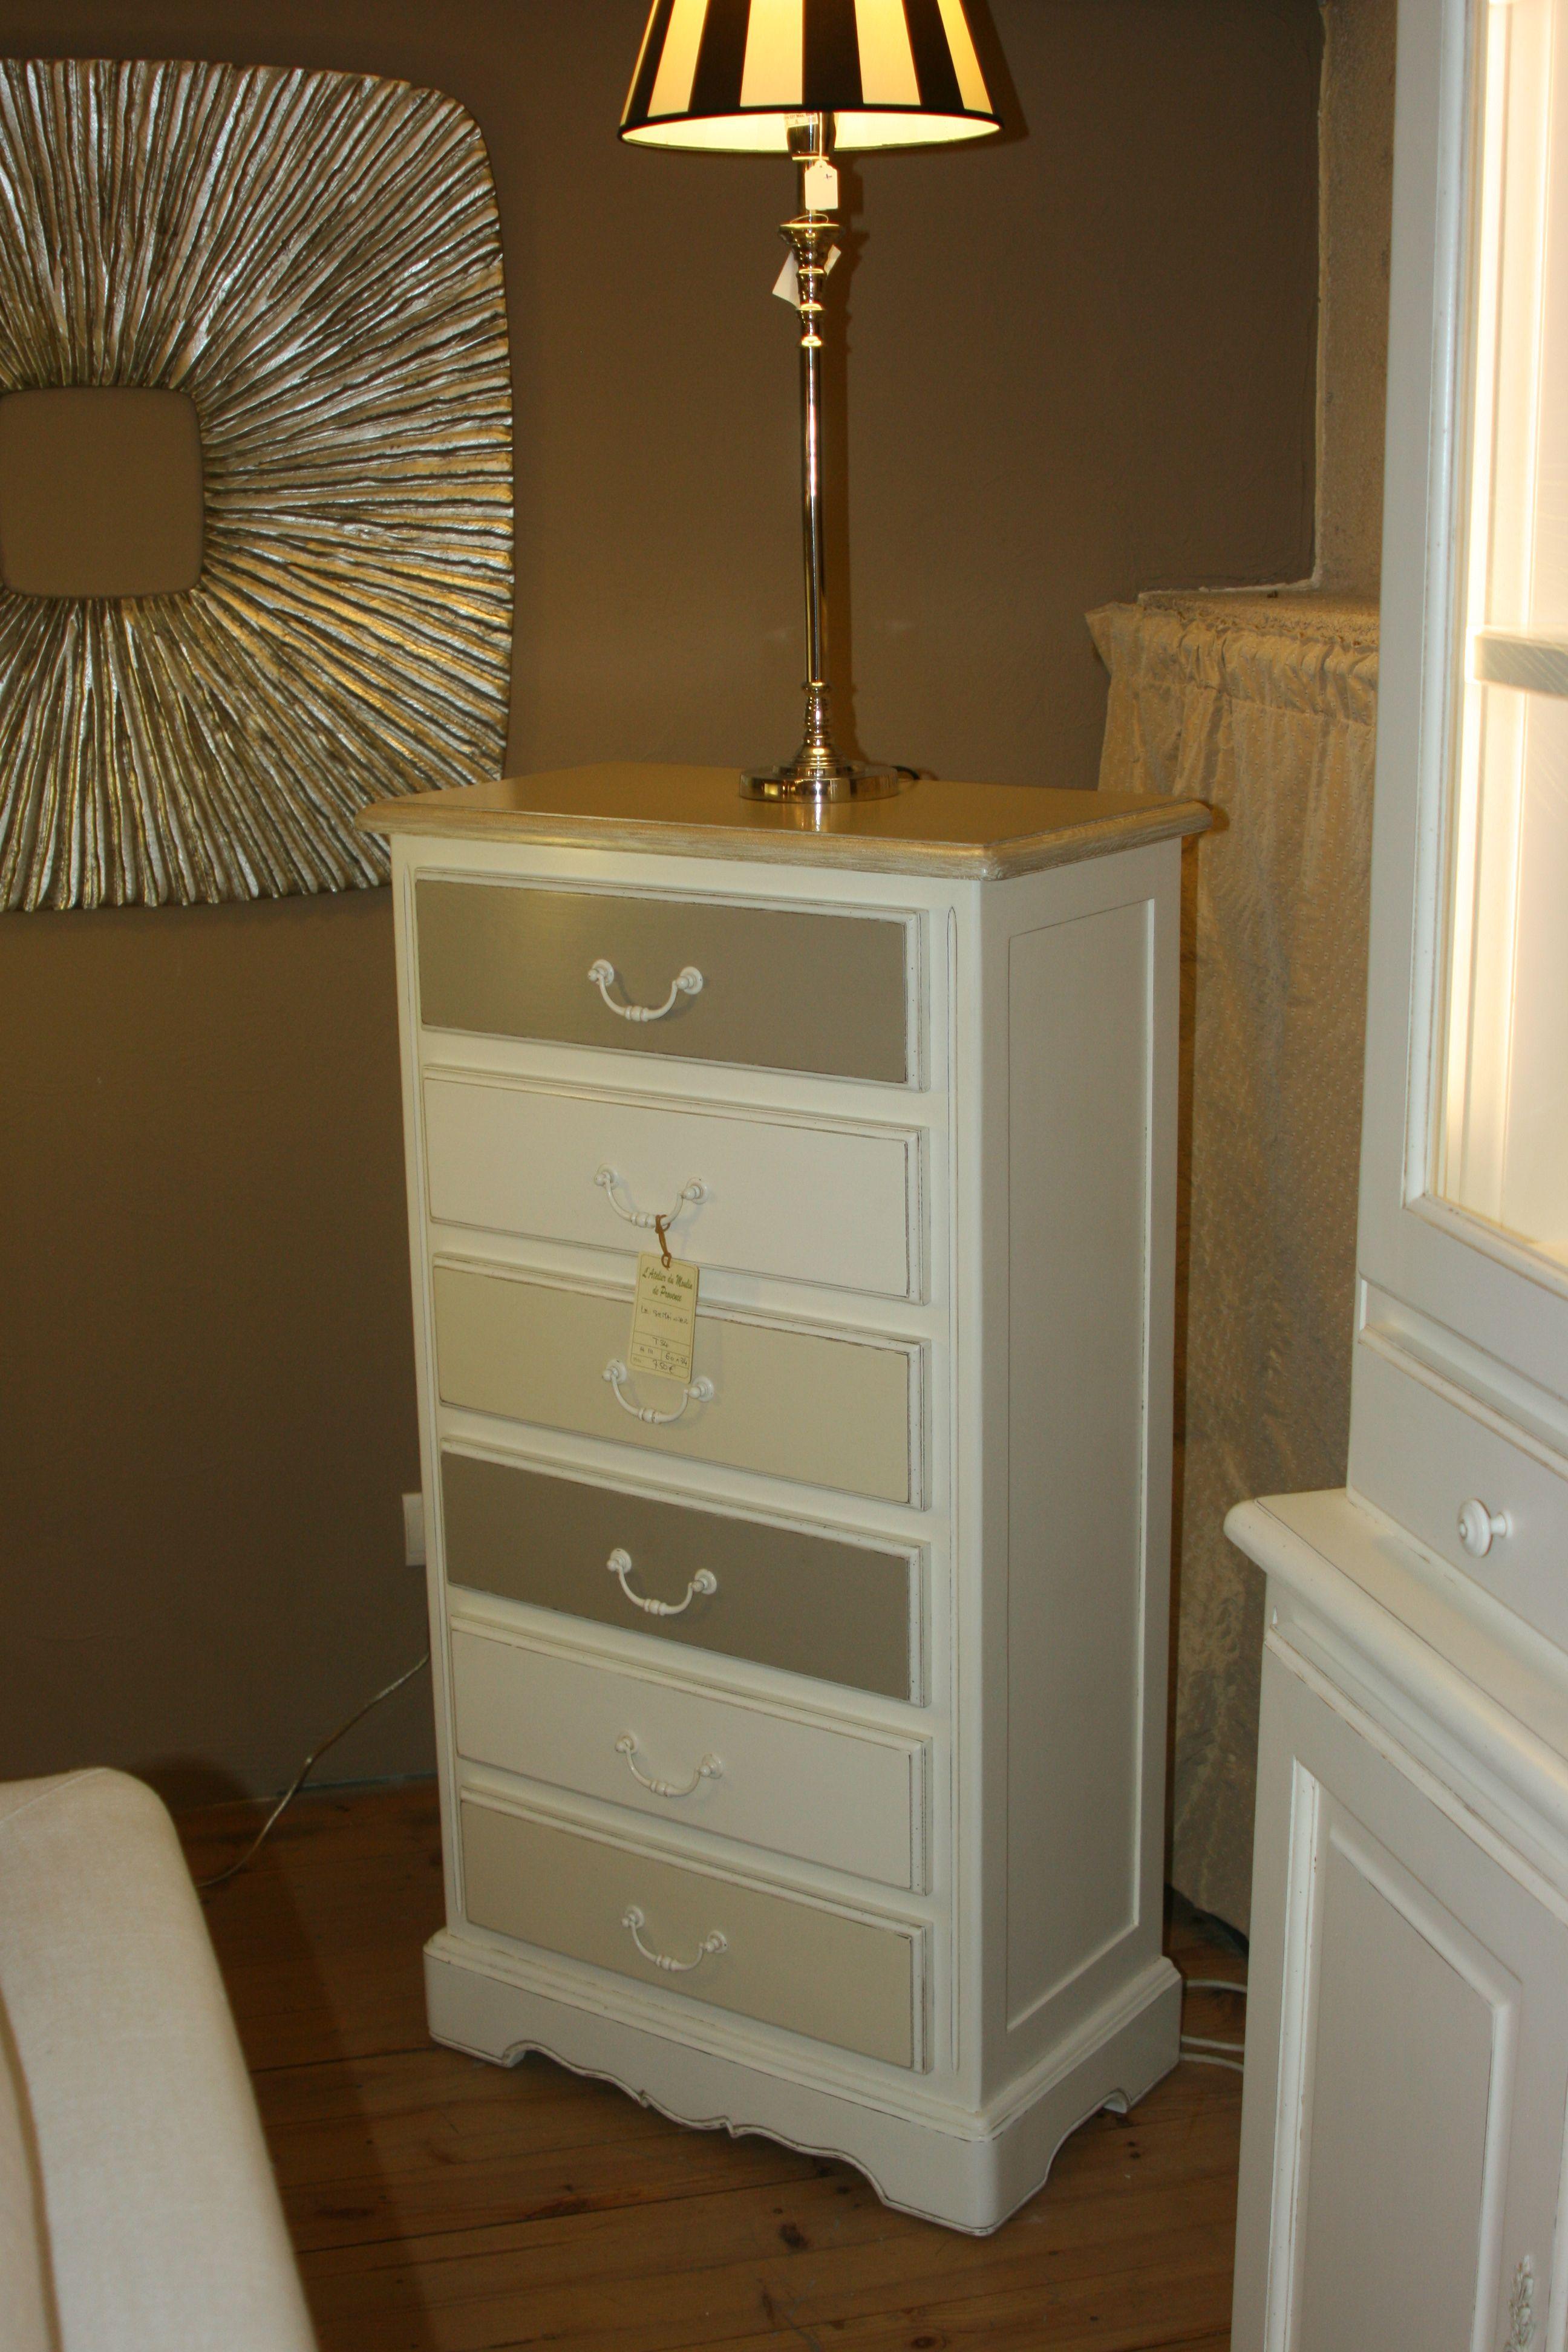 top vous cherchez un meuble peint style provenal dcouvrez la collection de bahuts et de commodes. Black Bedroom Furniture Sets. Home Design Ideas